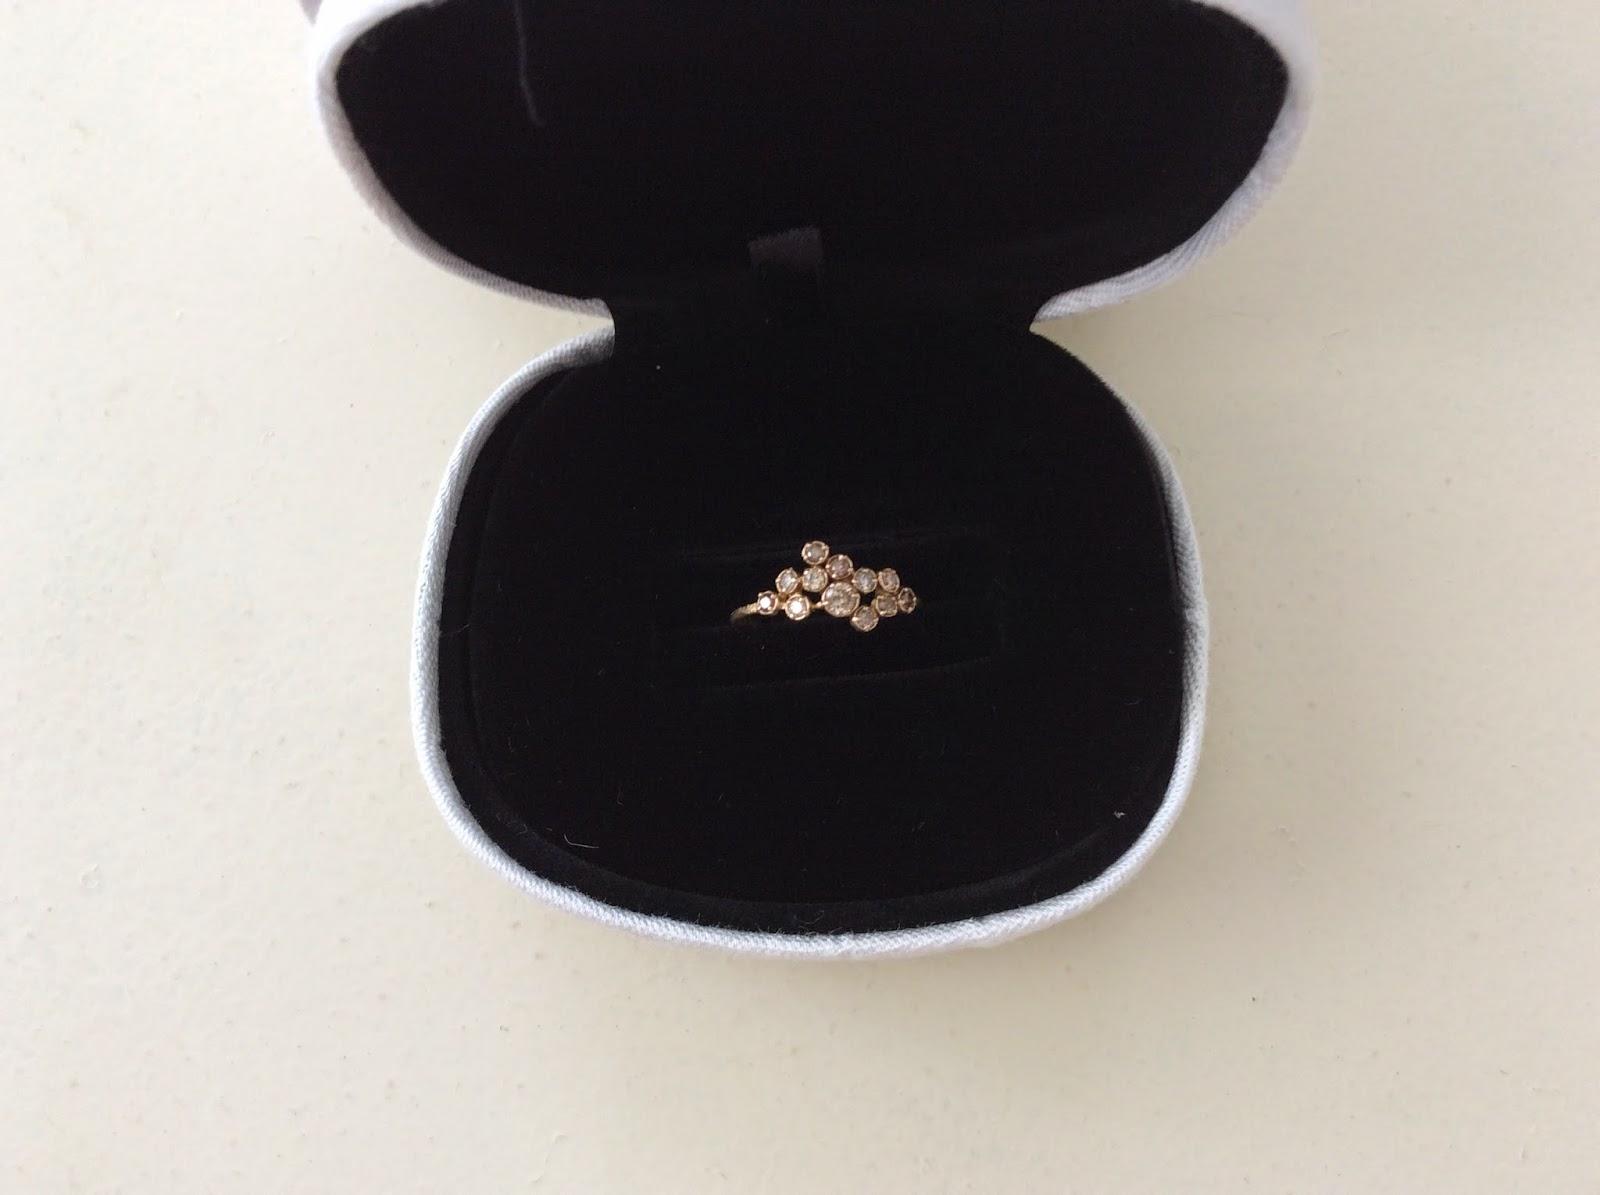 新宿伊勢丹に行くと、たまたま同じ指輪がなんと7割引になっていたので即購入しました。今ではnoguchiのジュエリーを割引で買うことは不可能だと思います。